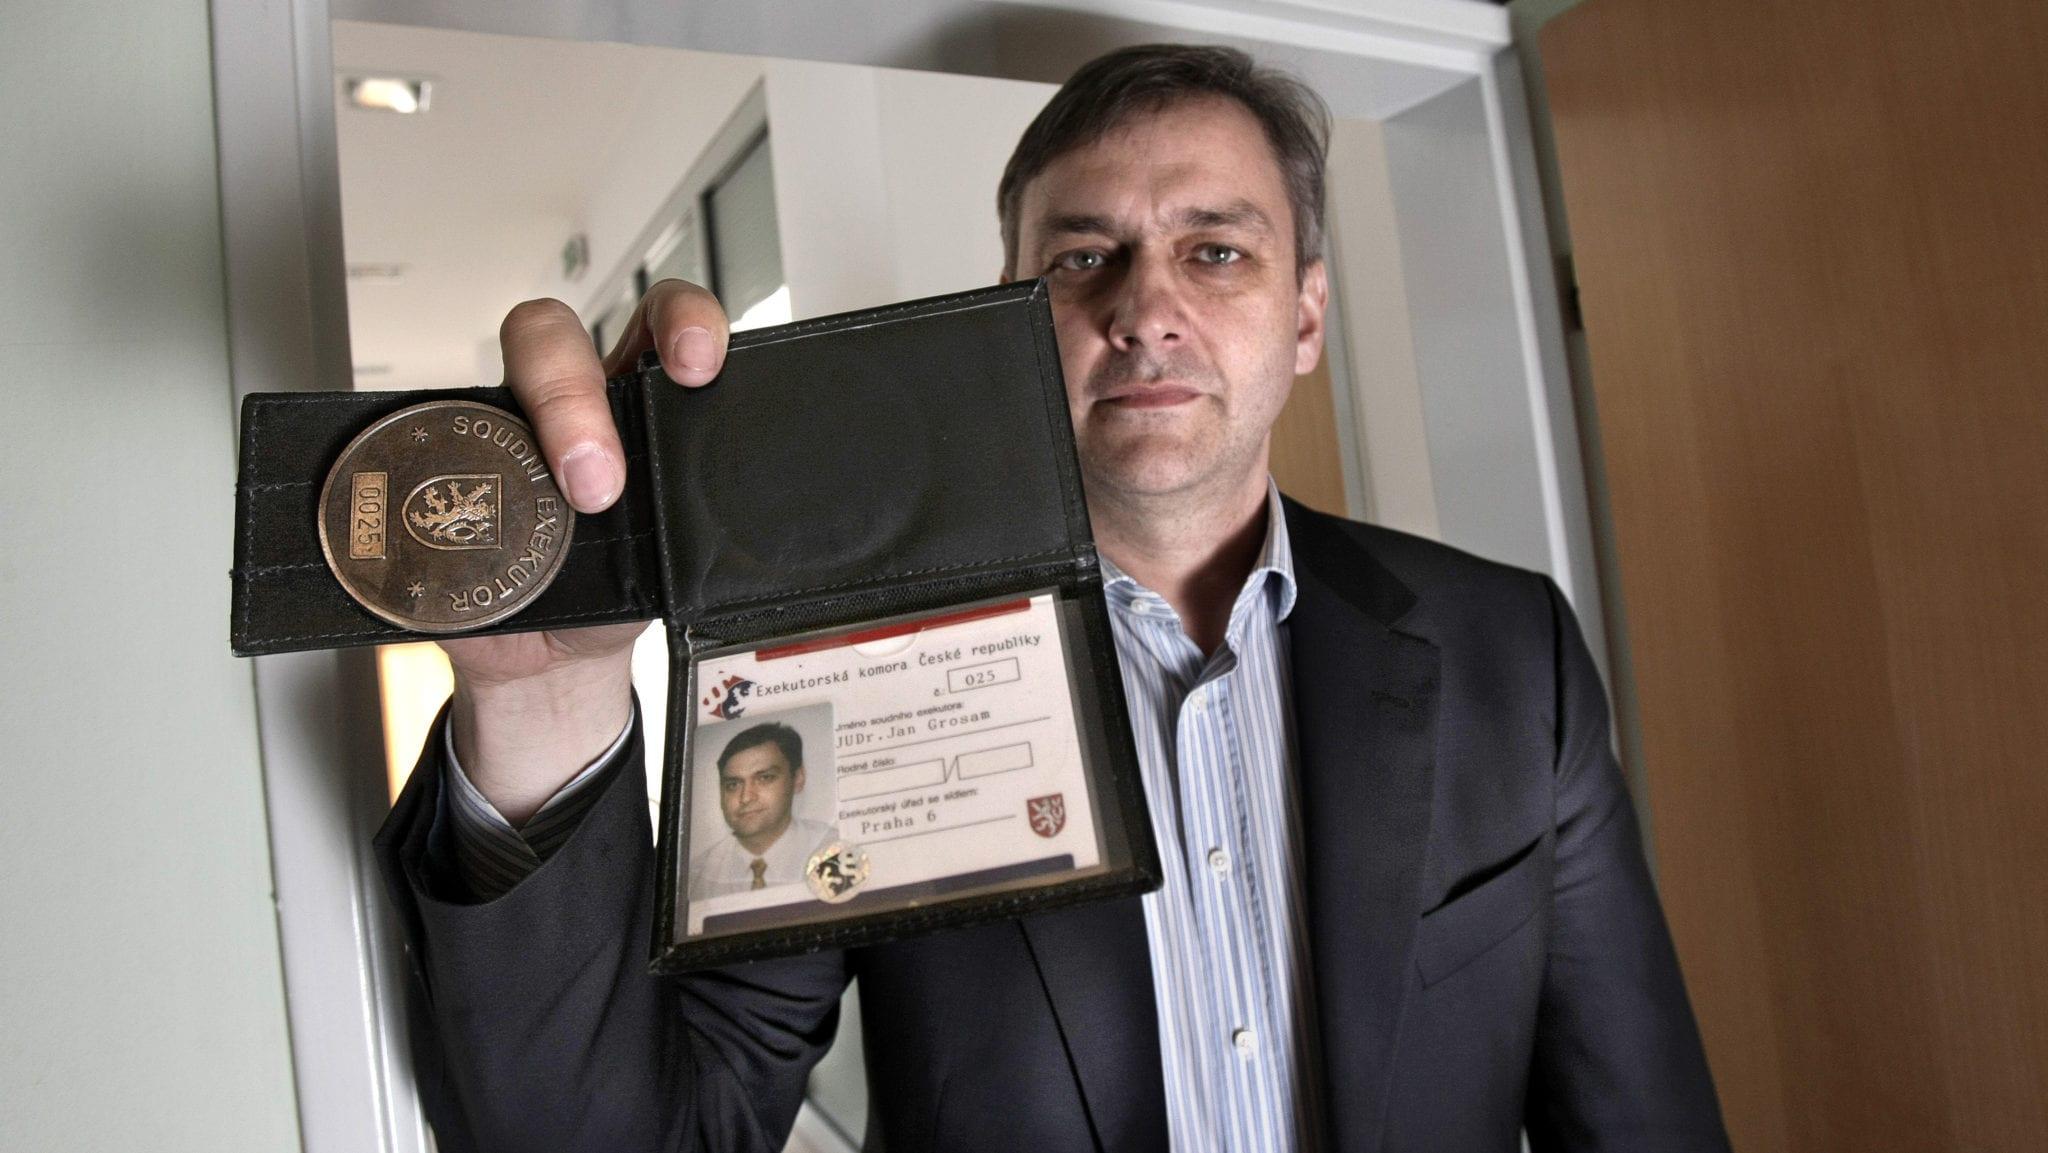 Exekutorský úřad nabízí pomoc věřitelům i dlužníkům